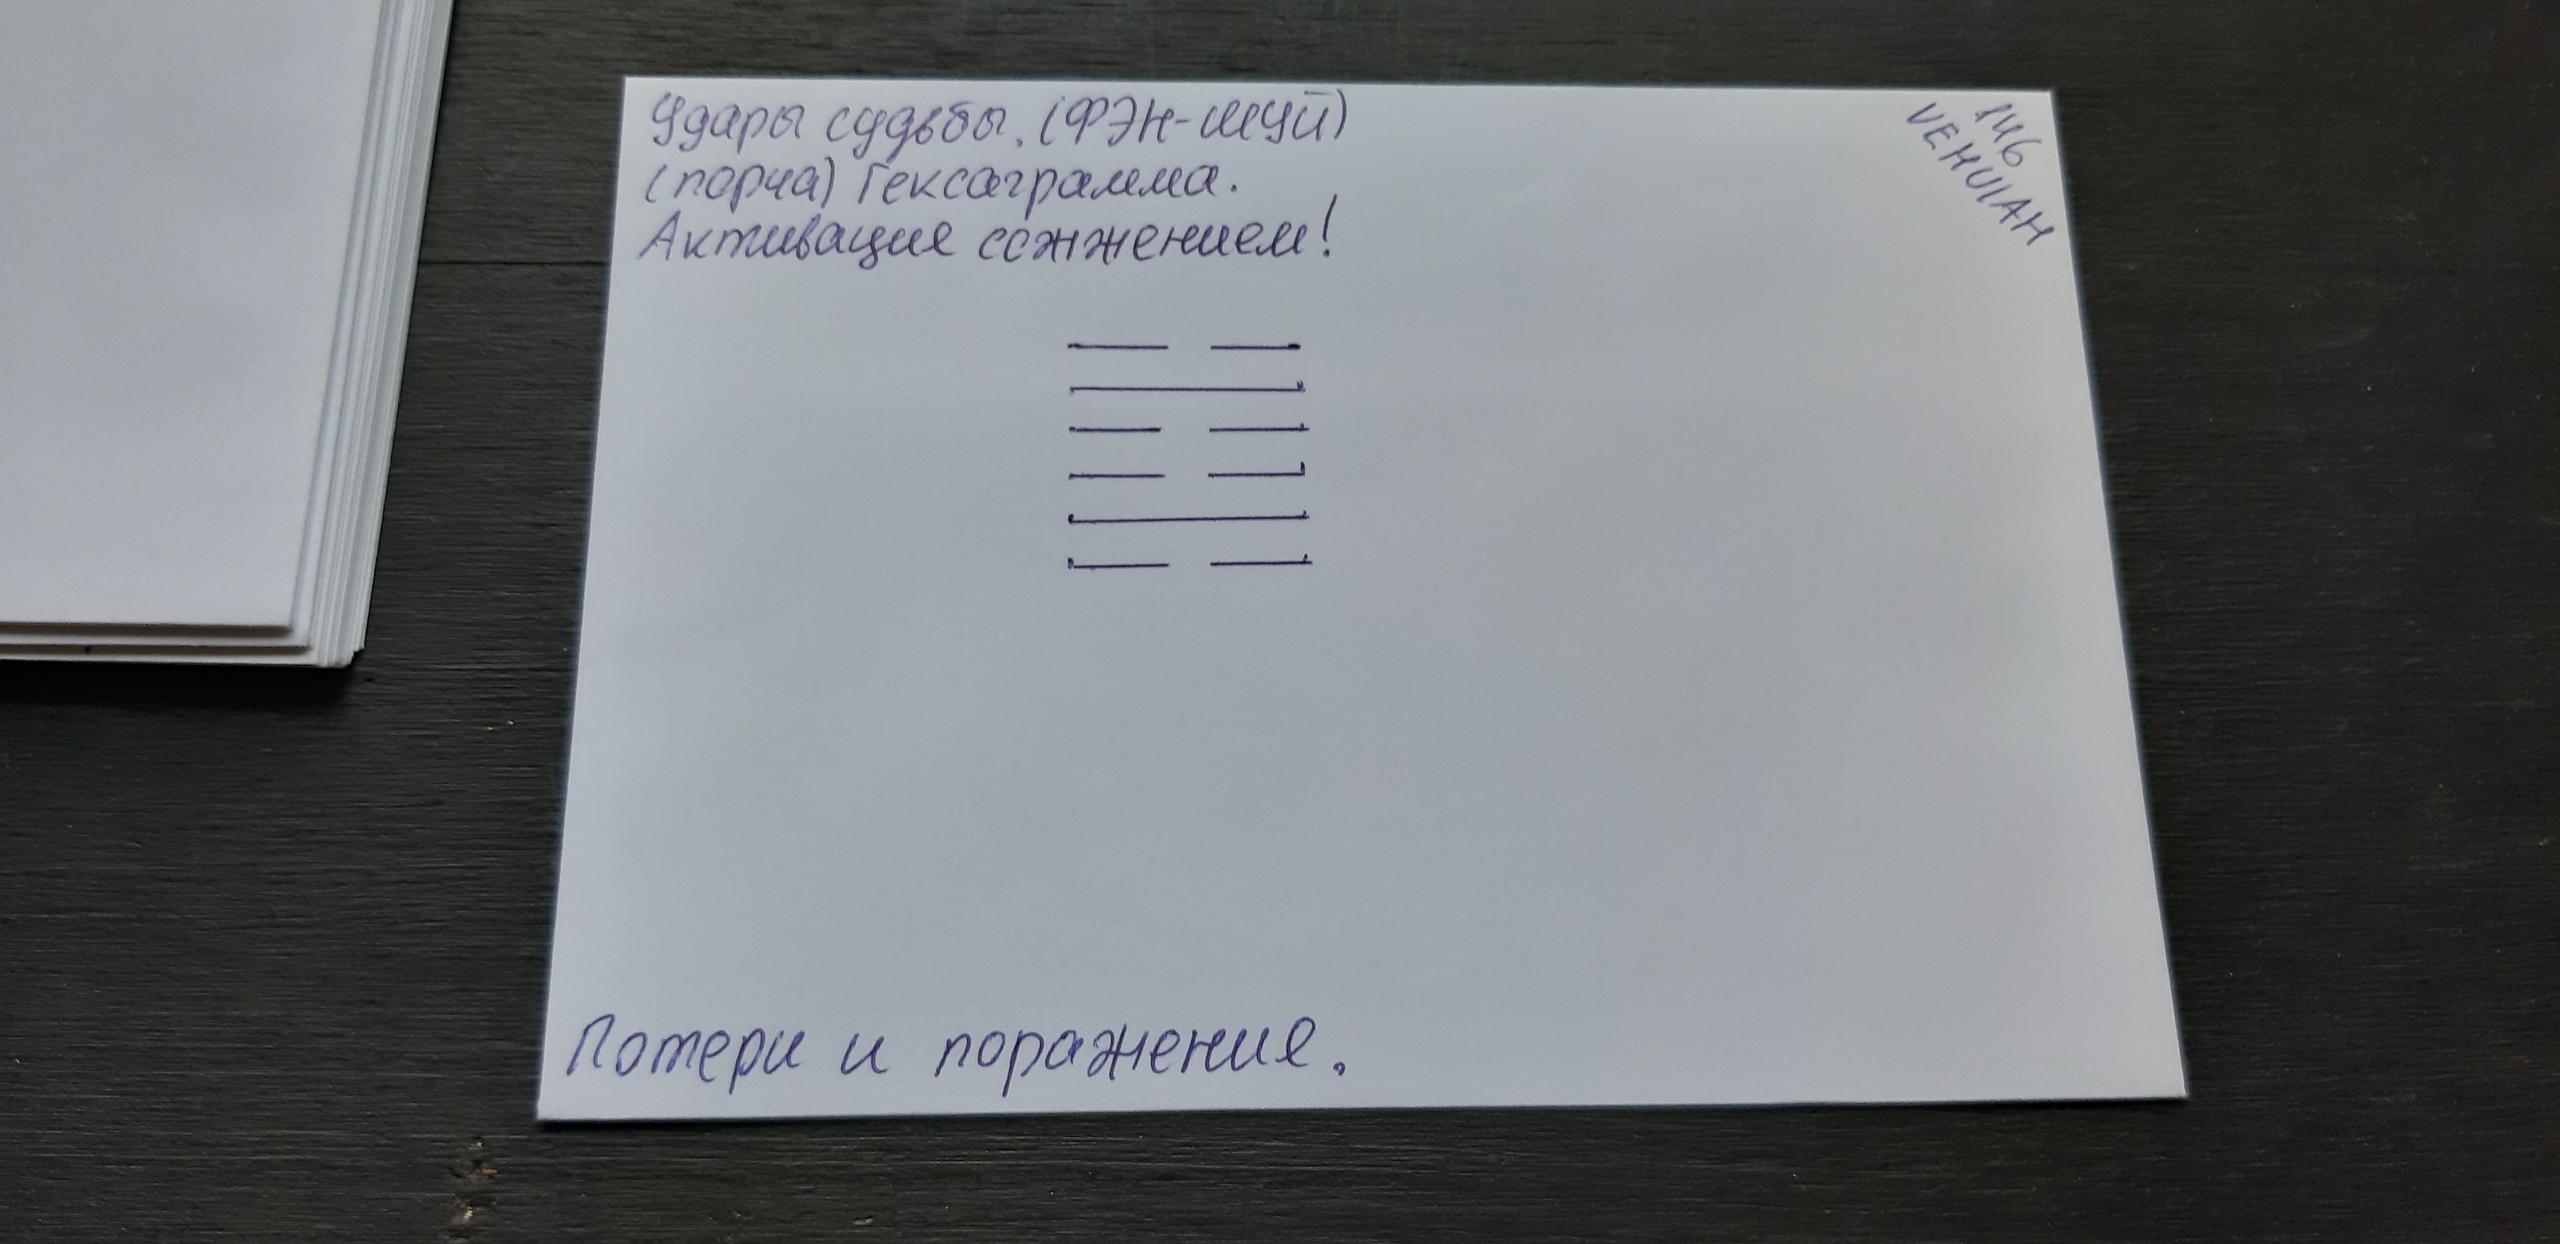 Конверты с магическими программами от Елены Руденко. Ставы, символы, руническая магия.  - Страница 3 A_yGSErvnNY